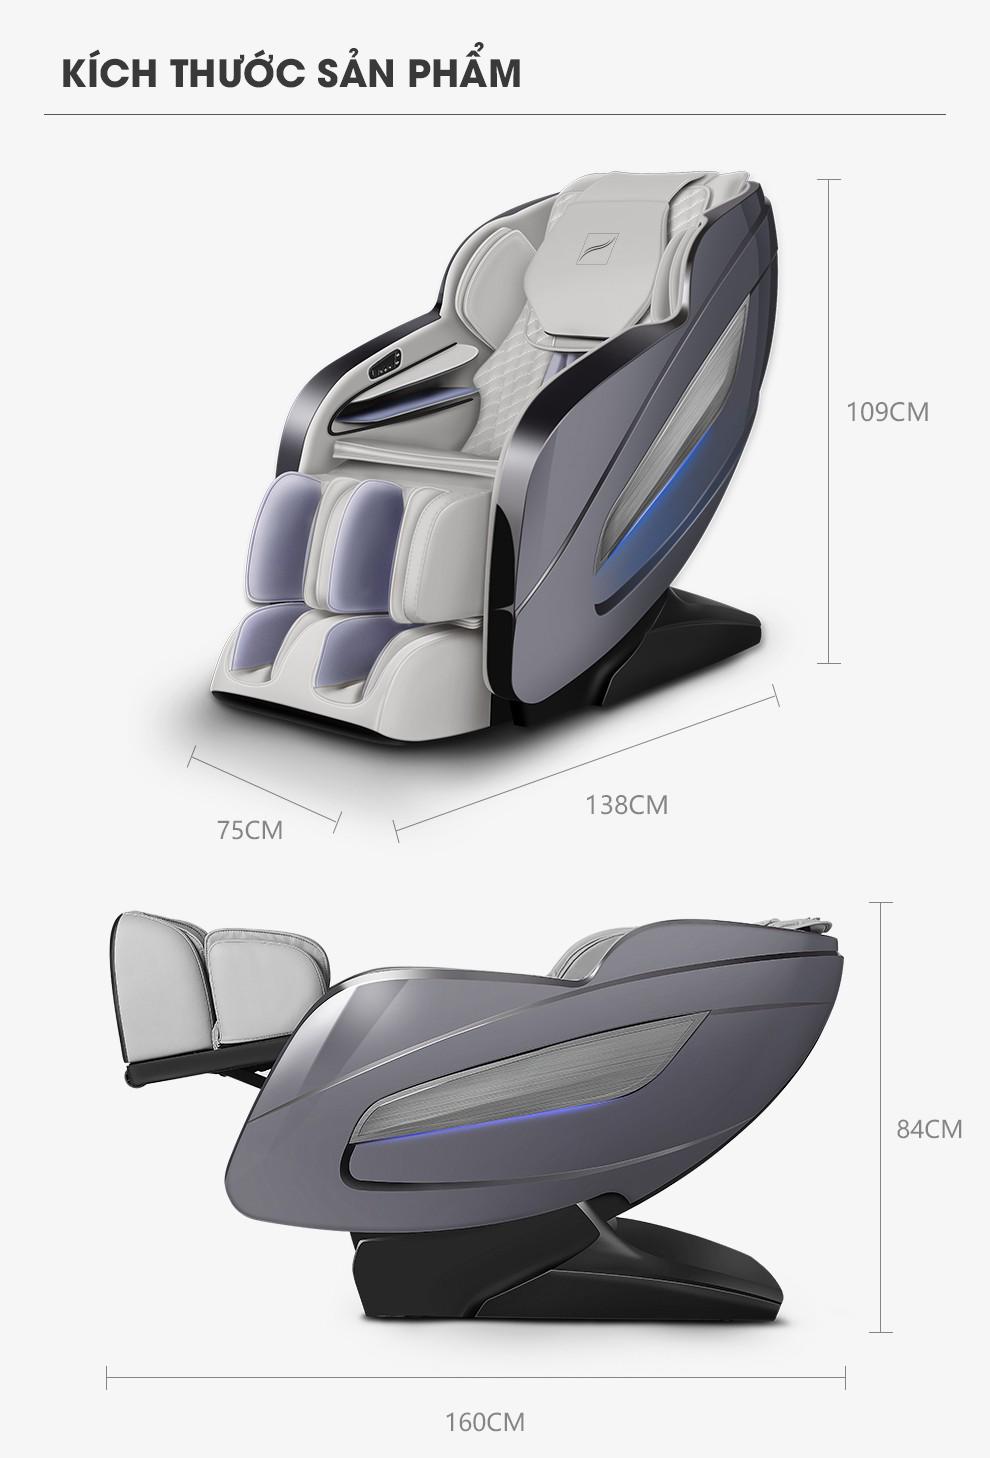 kích thước sản phẩm ghế ngồi massage